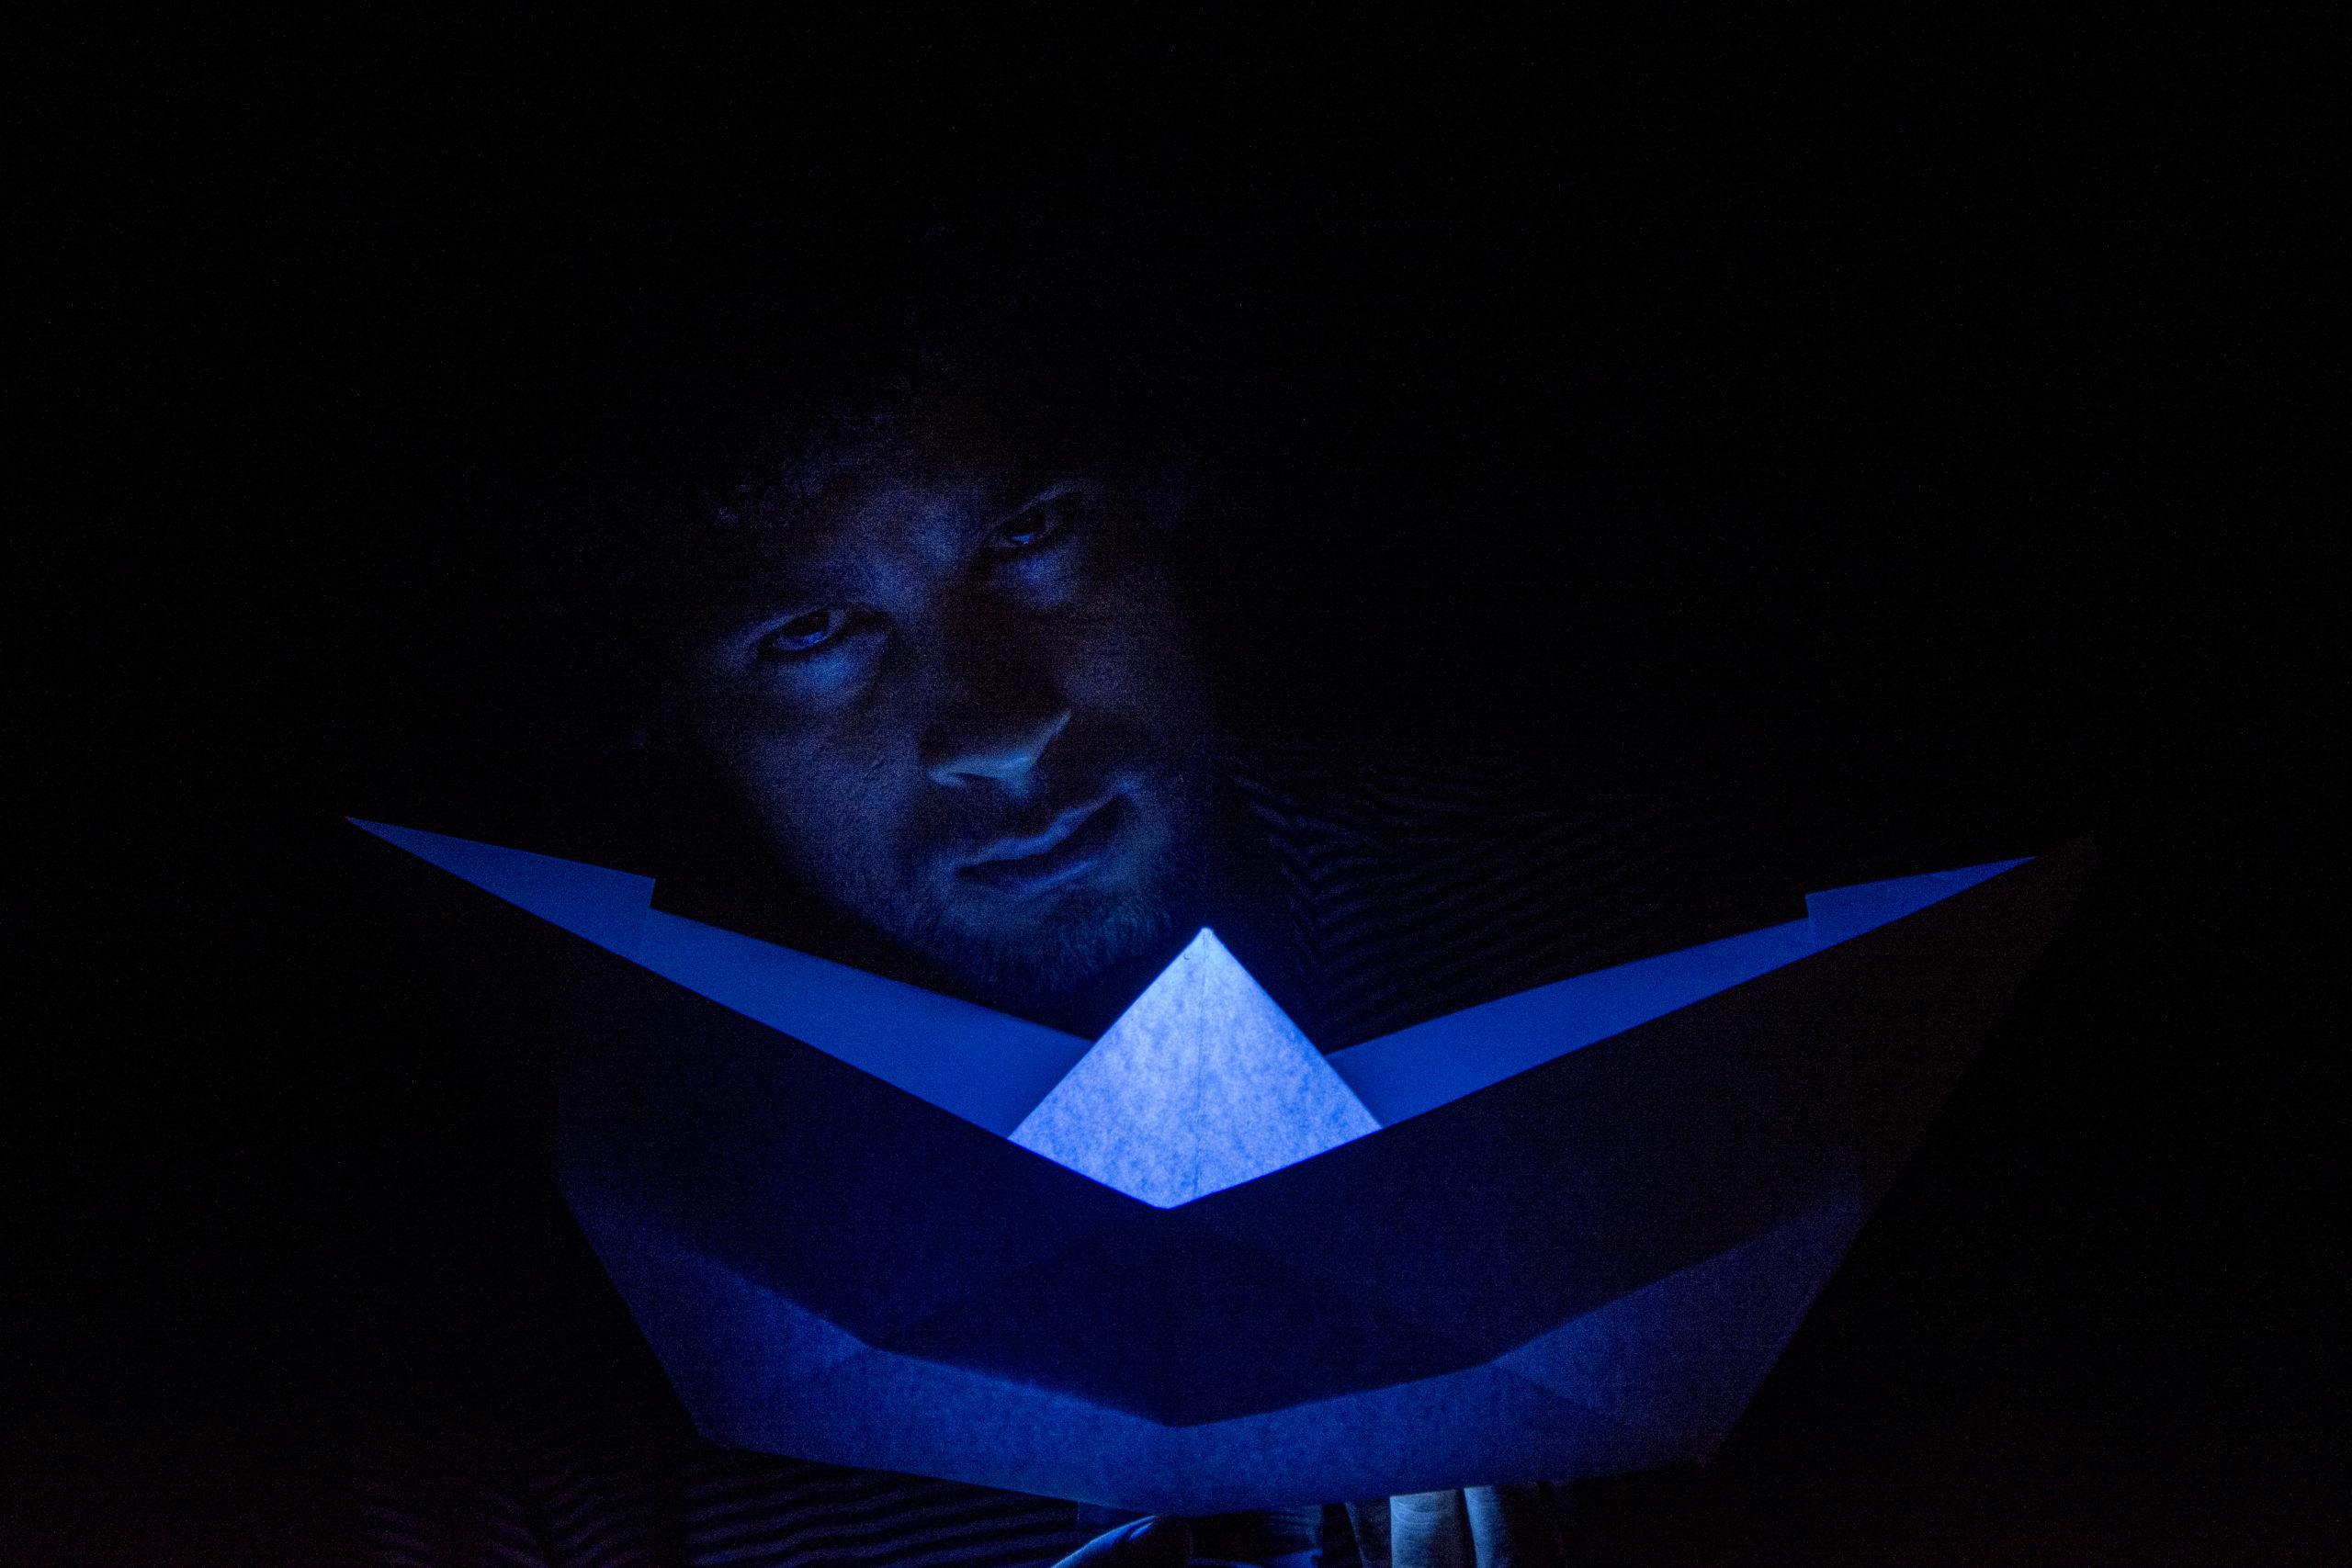 Barquinho de papel nas mãos do ator Bruno Suzano